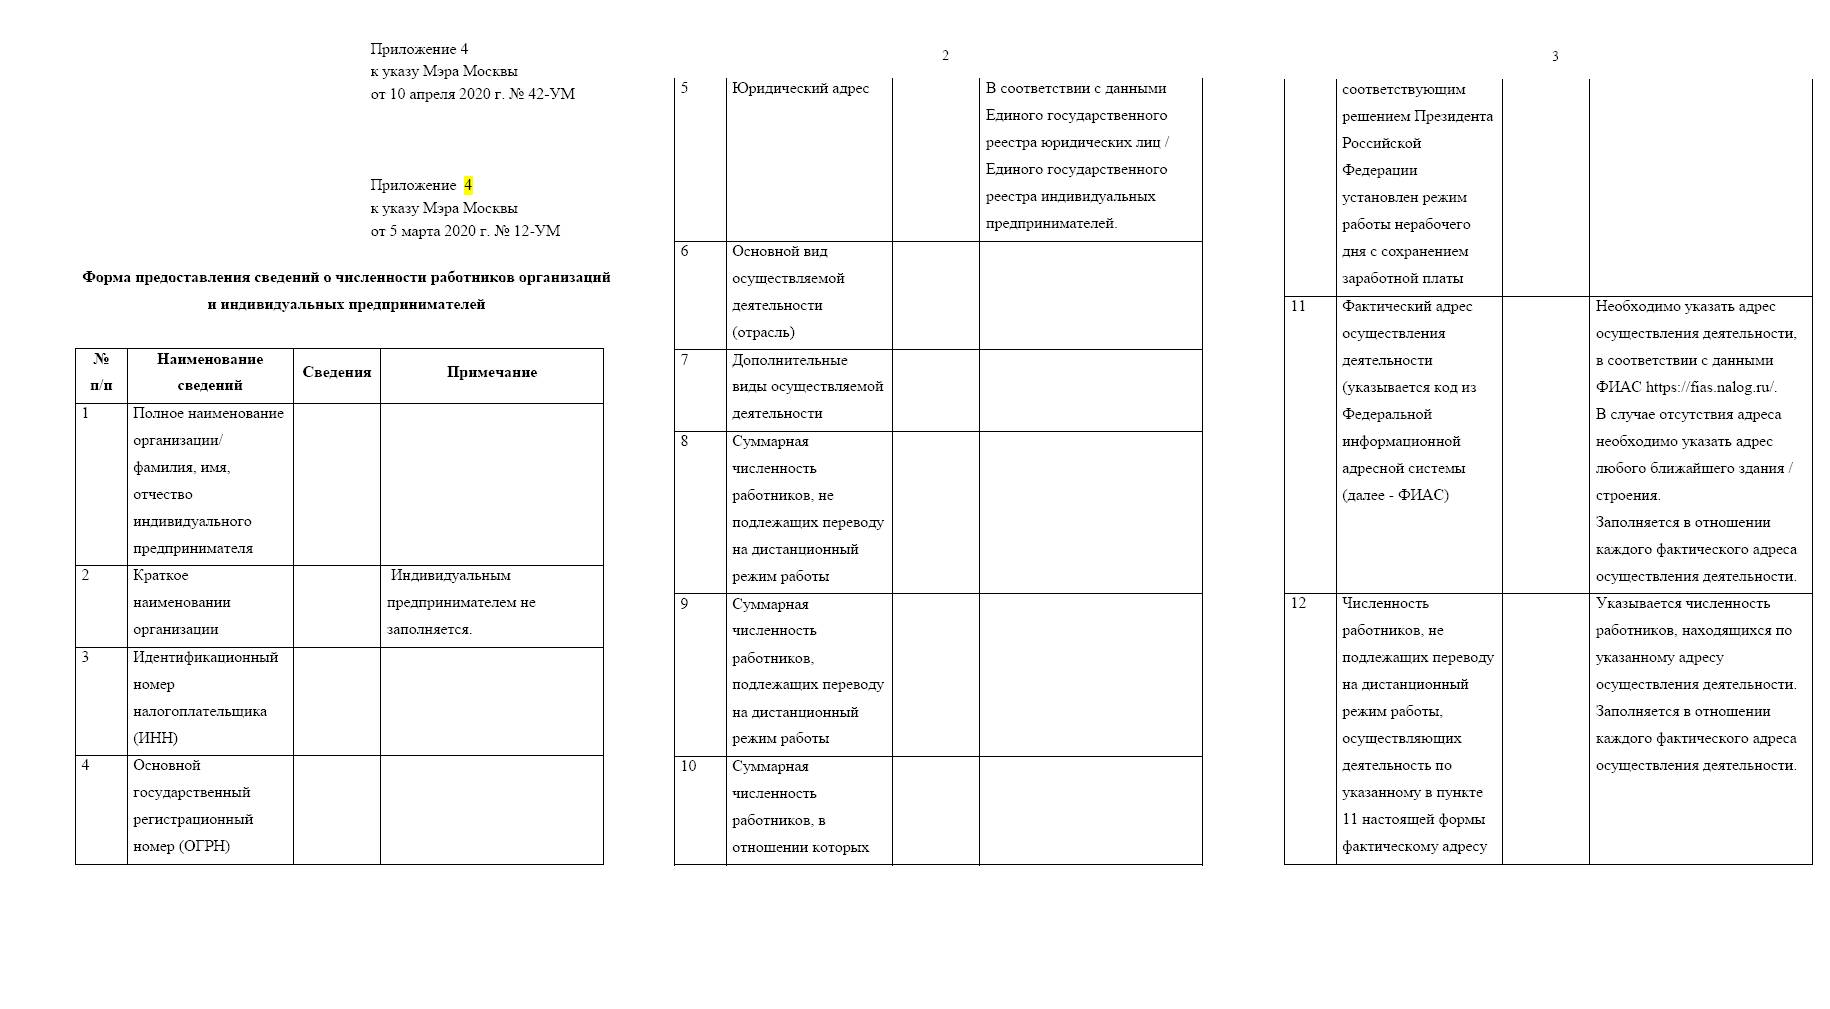 Москва: ограничения на работу организаций и другие решения 10.04.2020